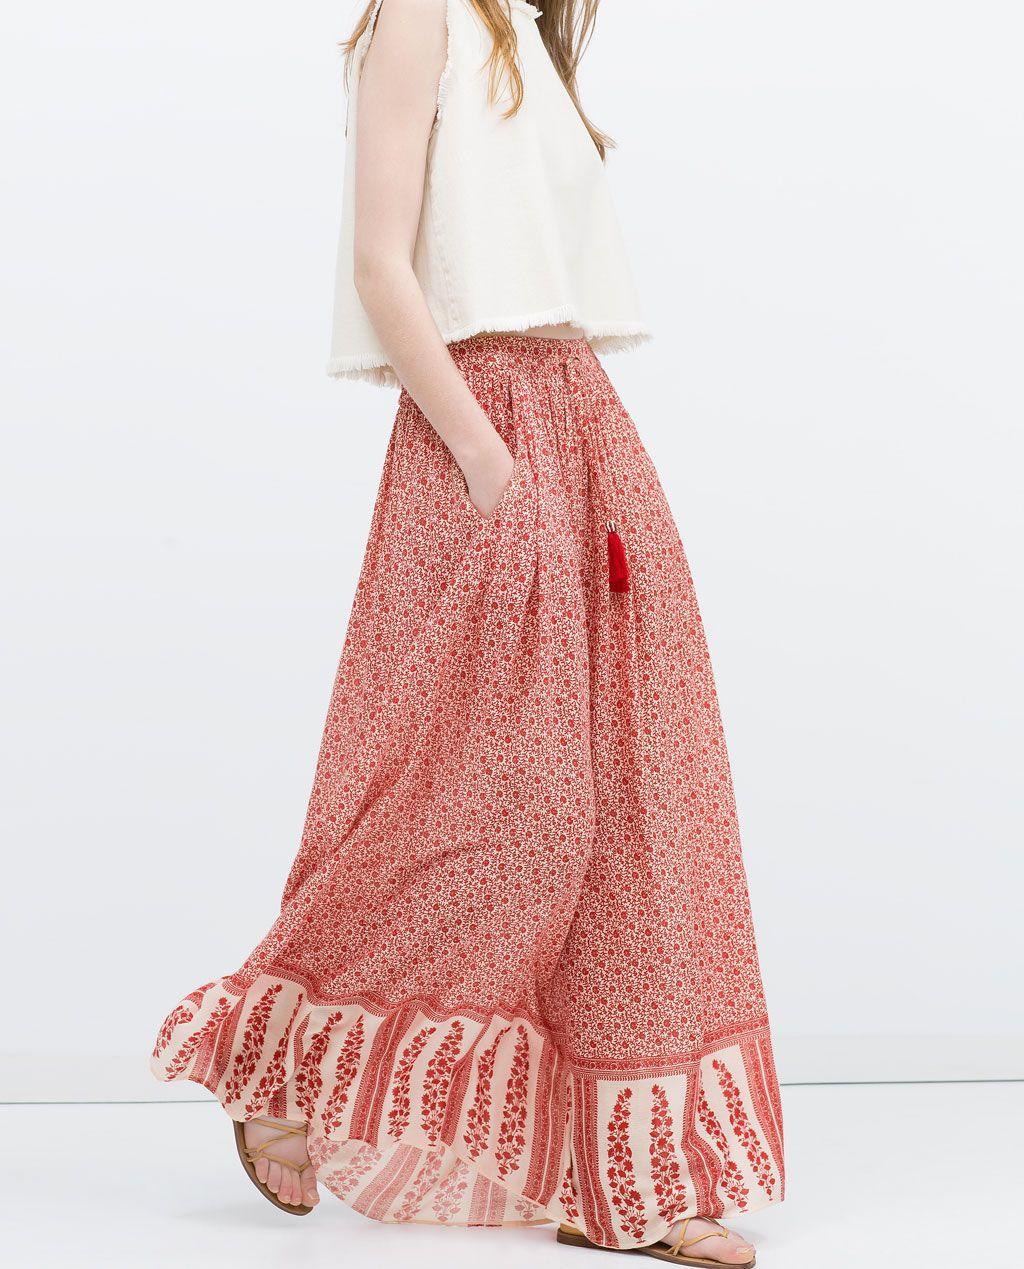 Image of long printed skirt from zara wishlist pinterest